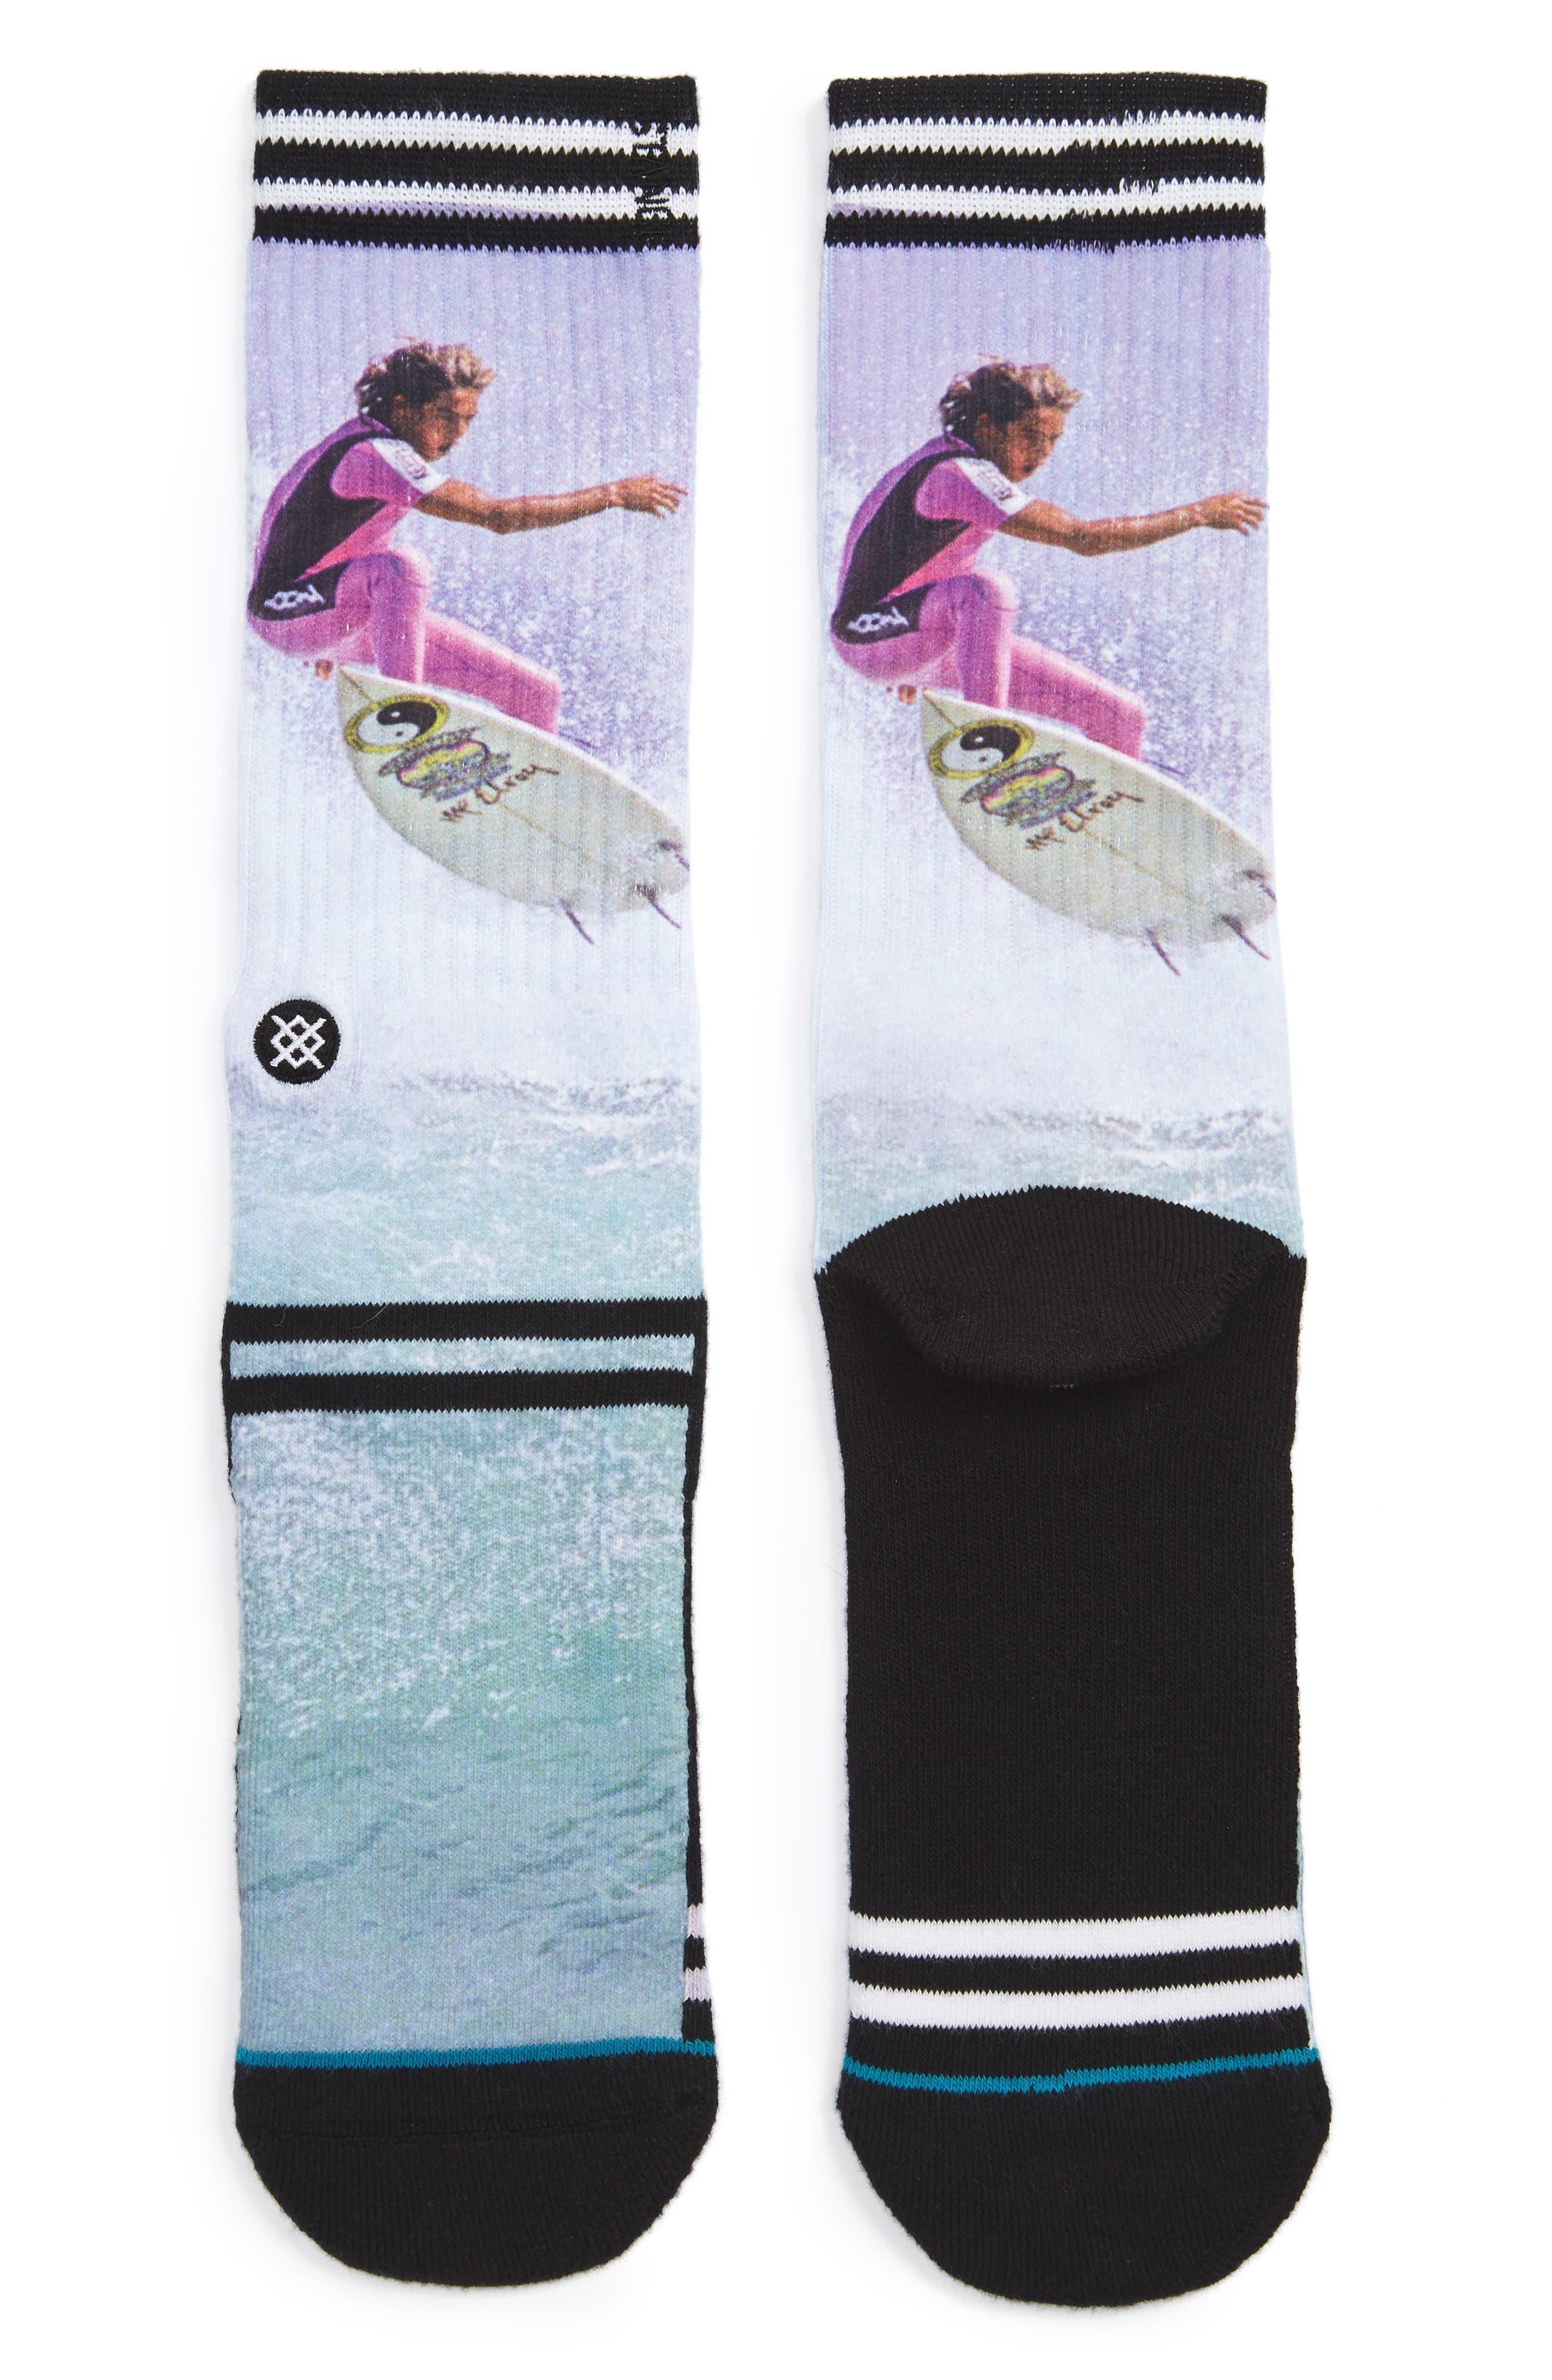 Fletcher Surf Legend Socks,                         Main,                         color, Black